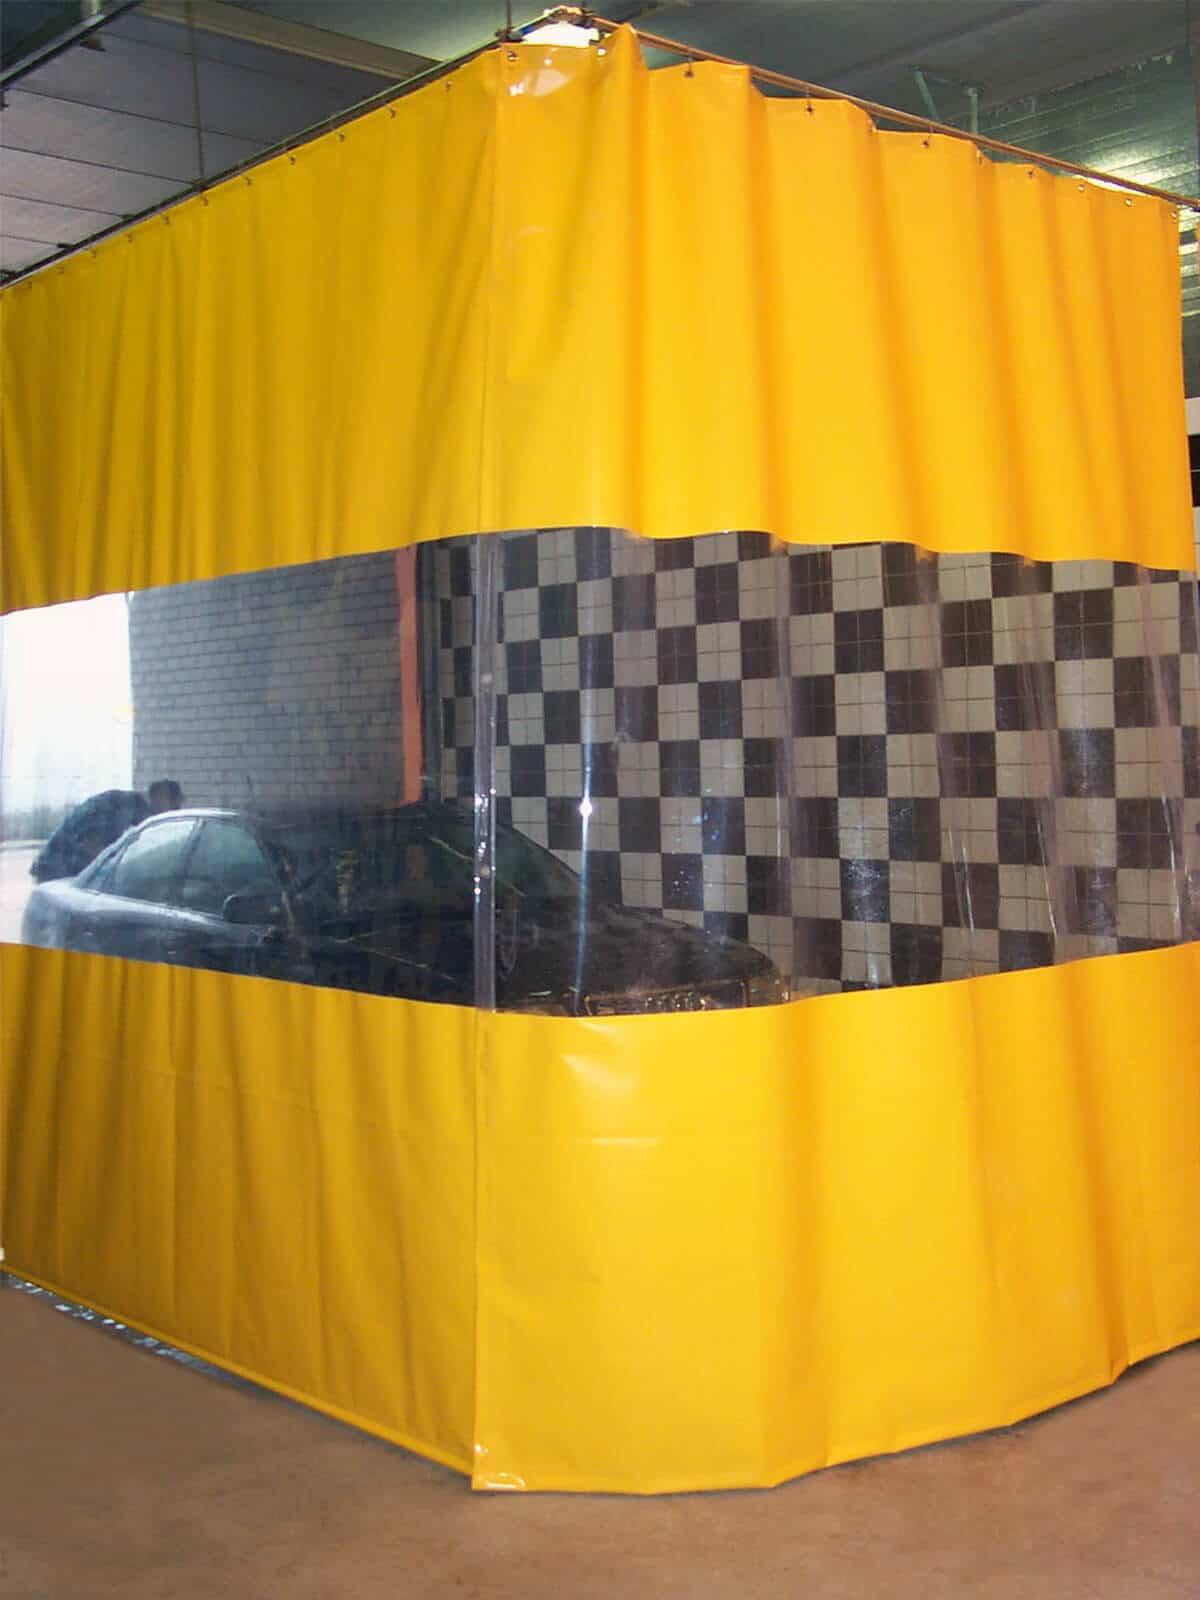 Wytrzymała kurtyna plandekowa w kolorze żółtym, z pasem przeziernej folii w roli okna